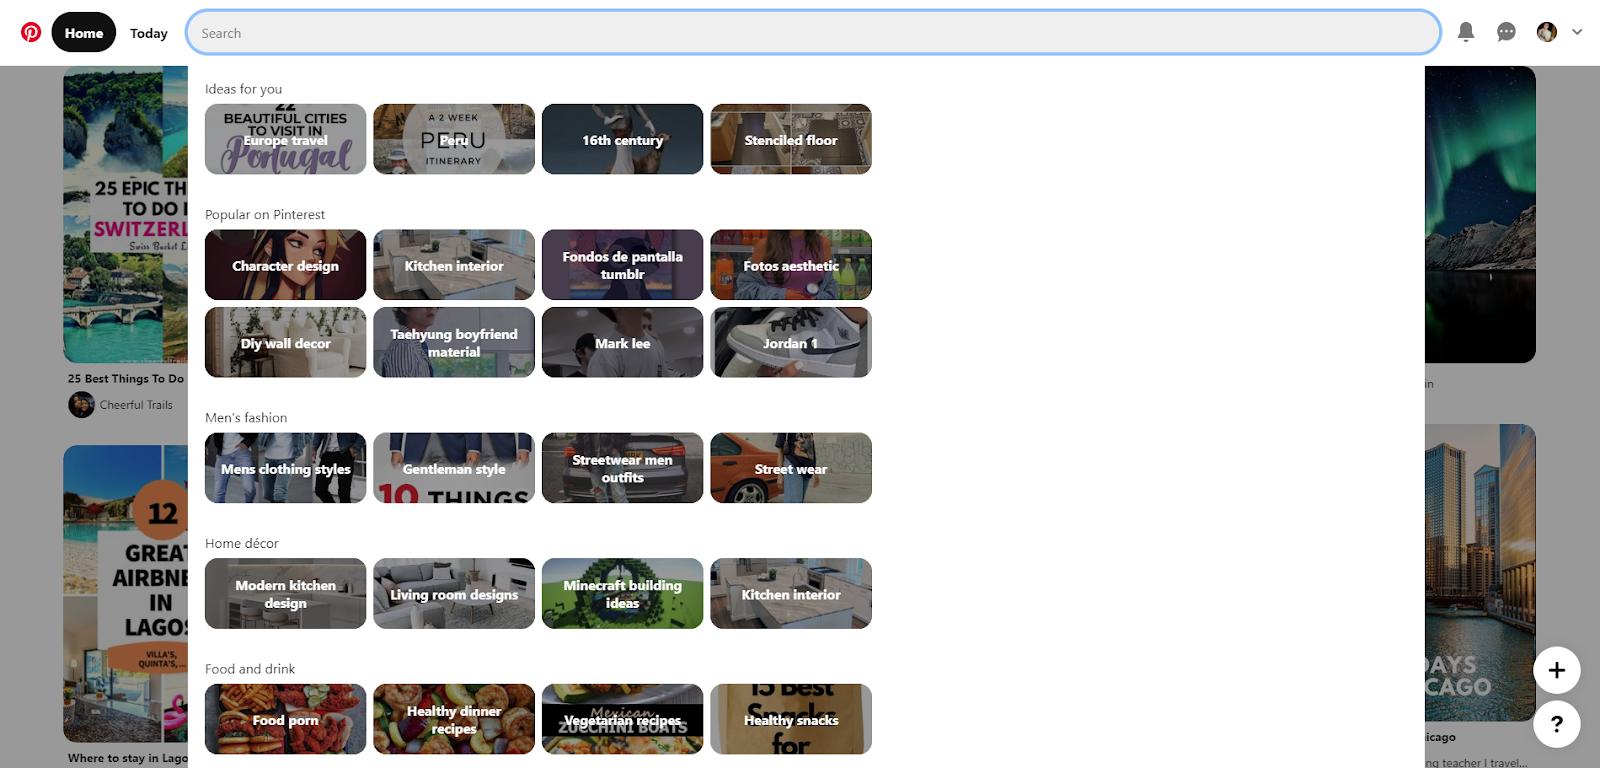 Pinterest search